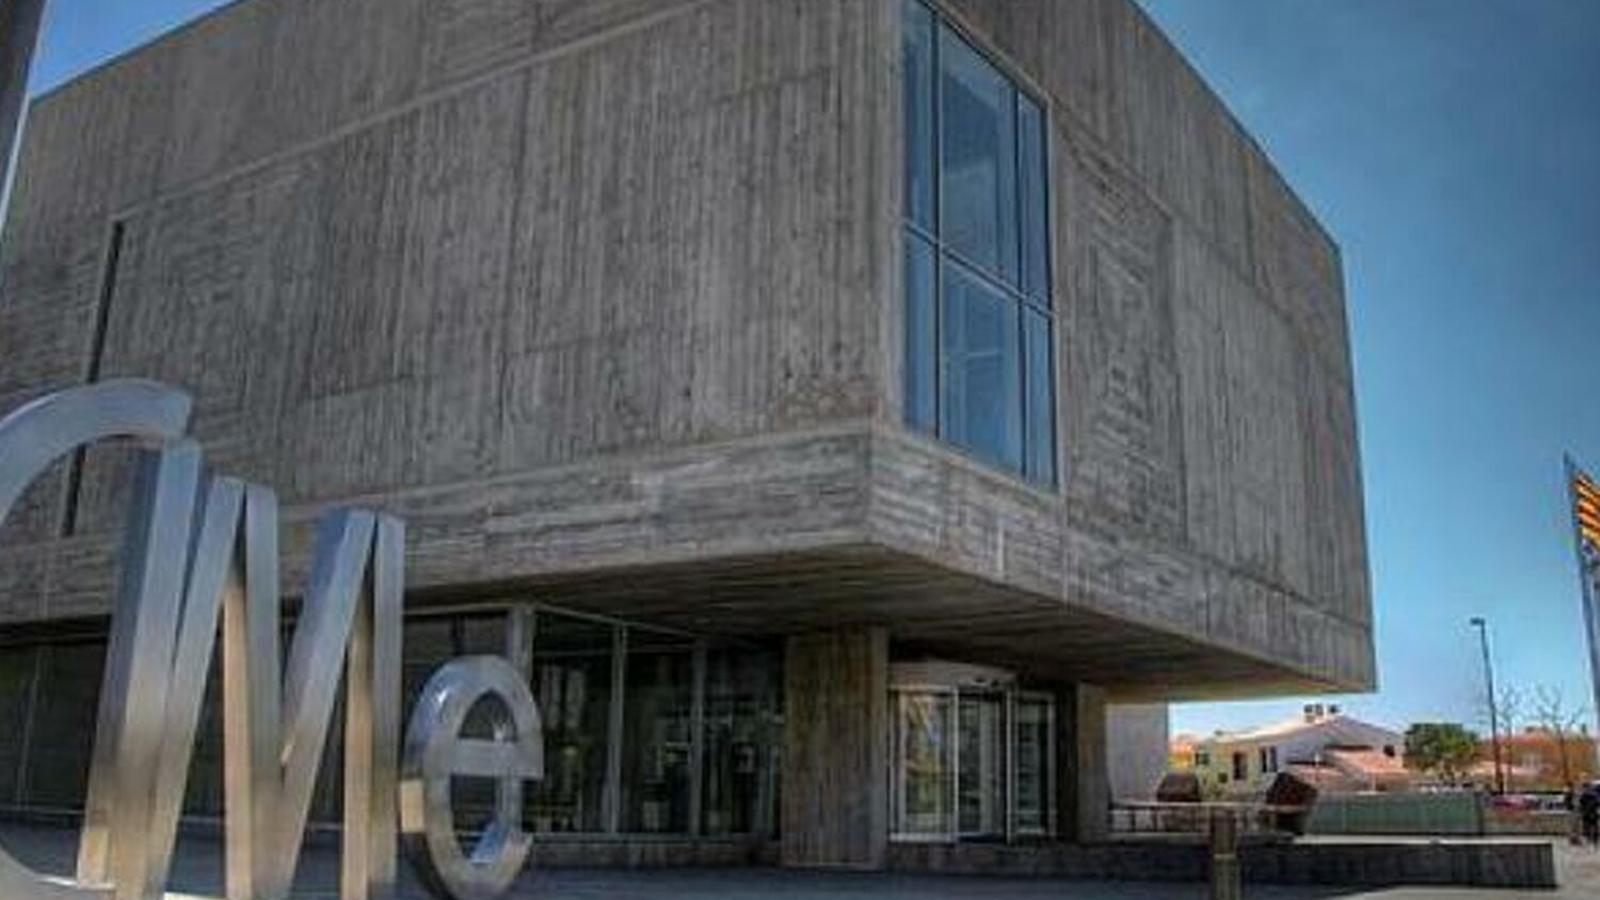 La seu del Consell de Menorca a Maó ha estat l'escenari de la presentació dels pressupostos per al 2021.